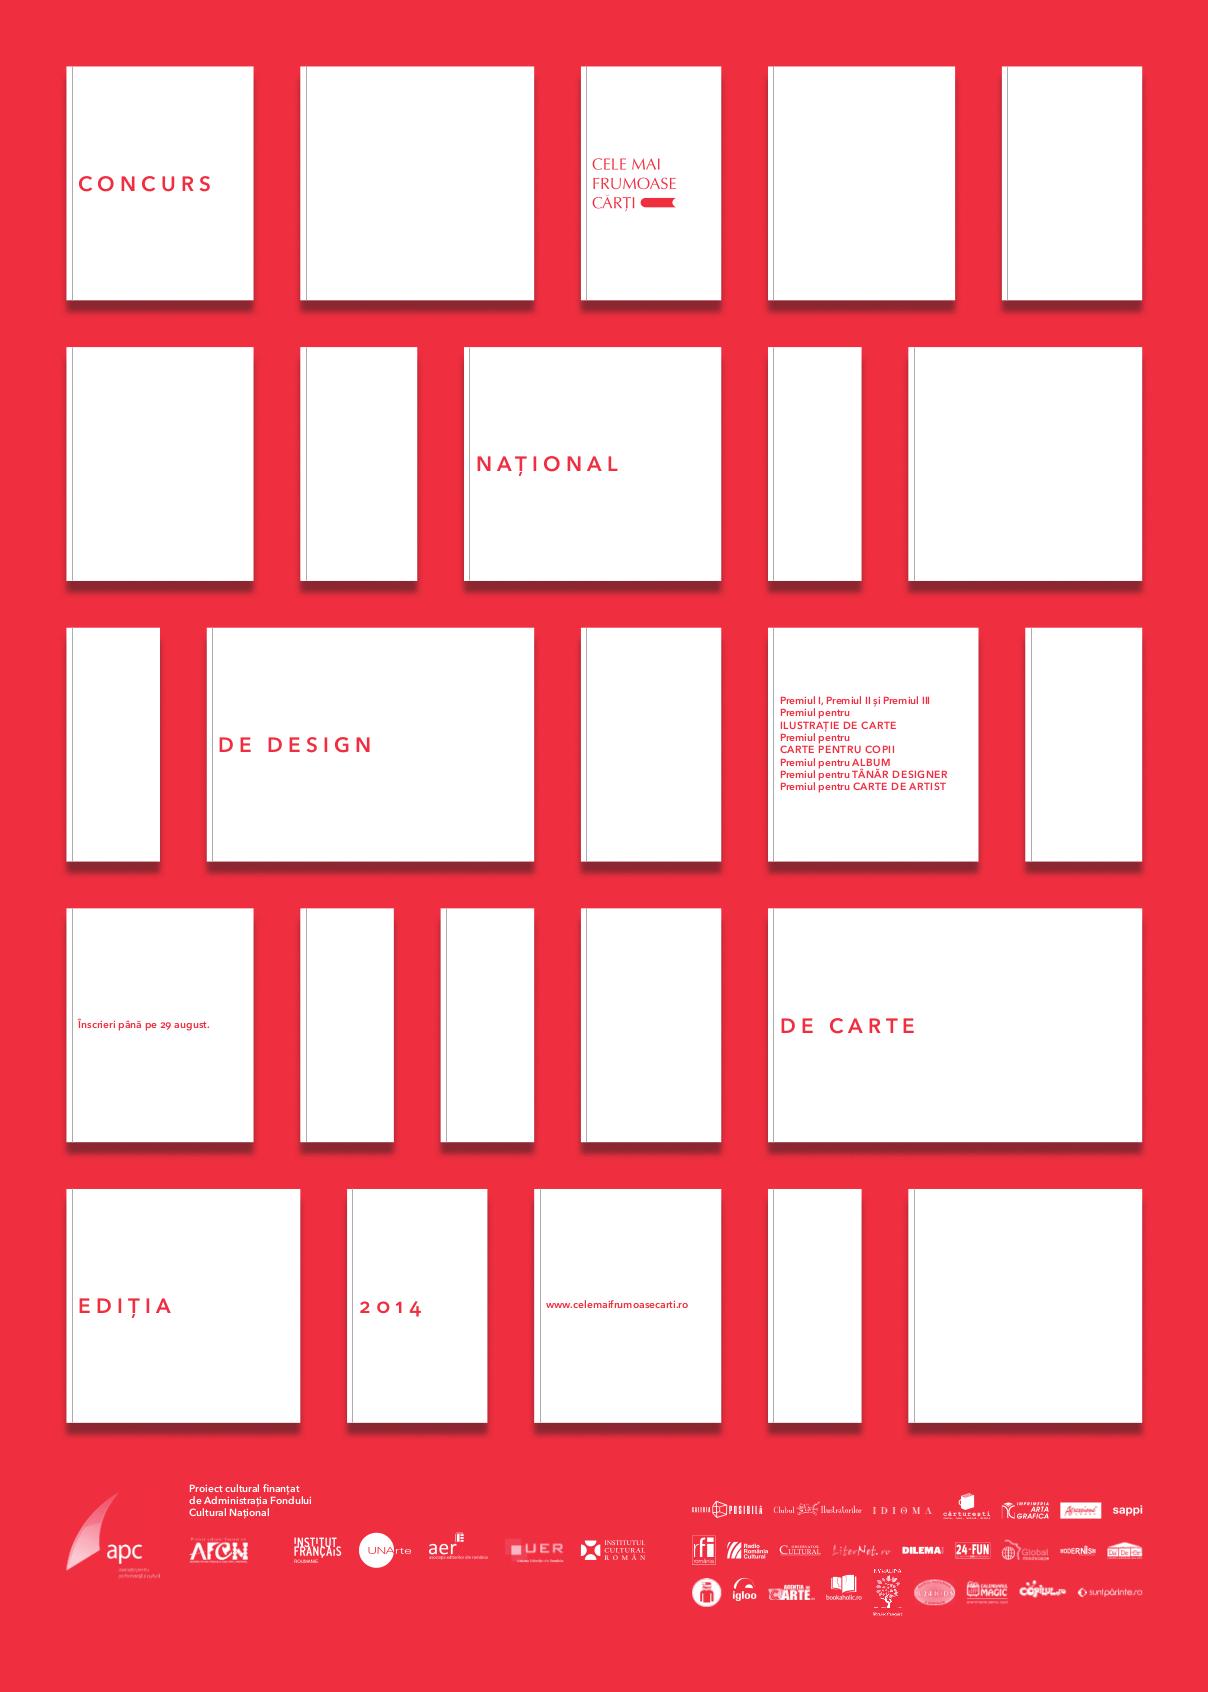 Concursul naţional de design de carte, ediția a III-a